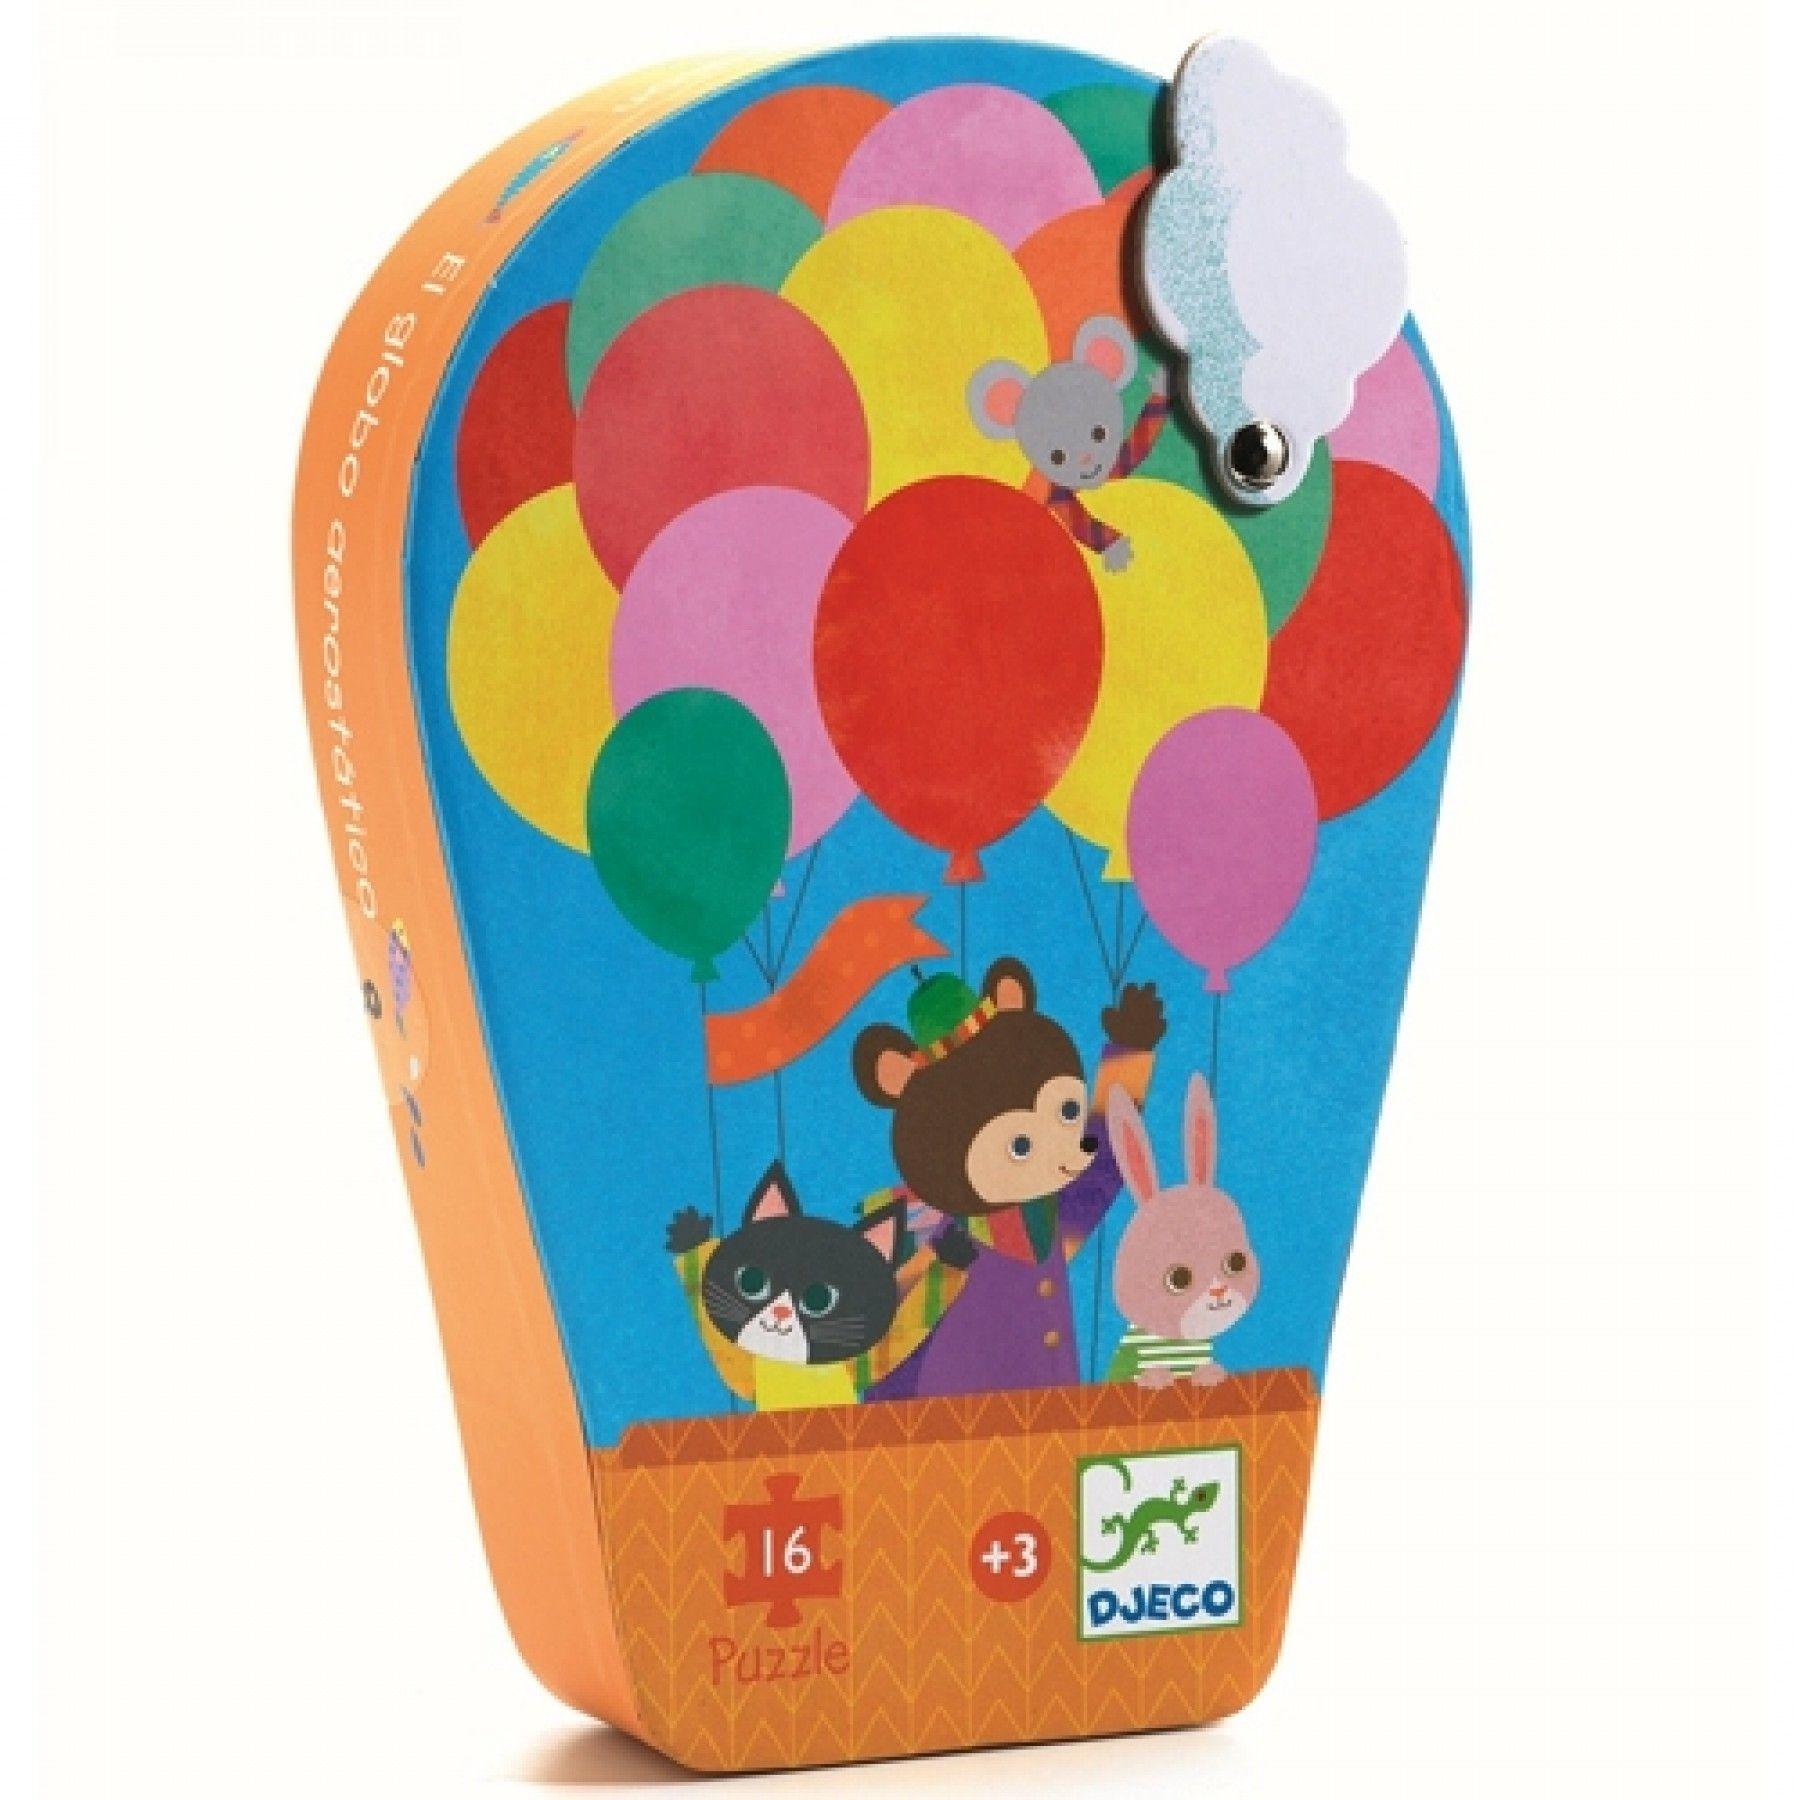 Djeco Djeco Puzzel - Heteluchtballon- 16pcs 3y+